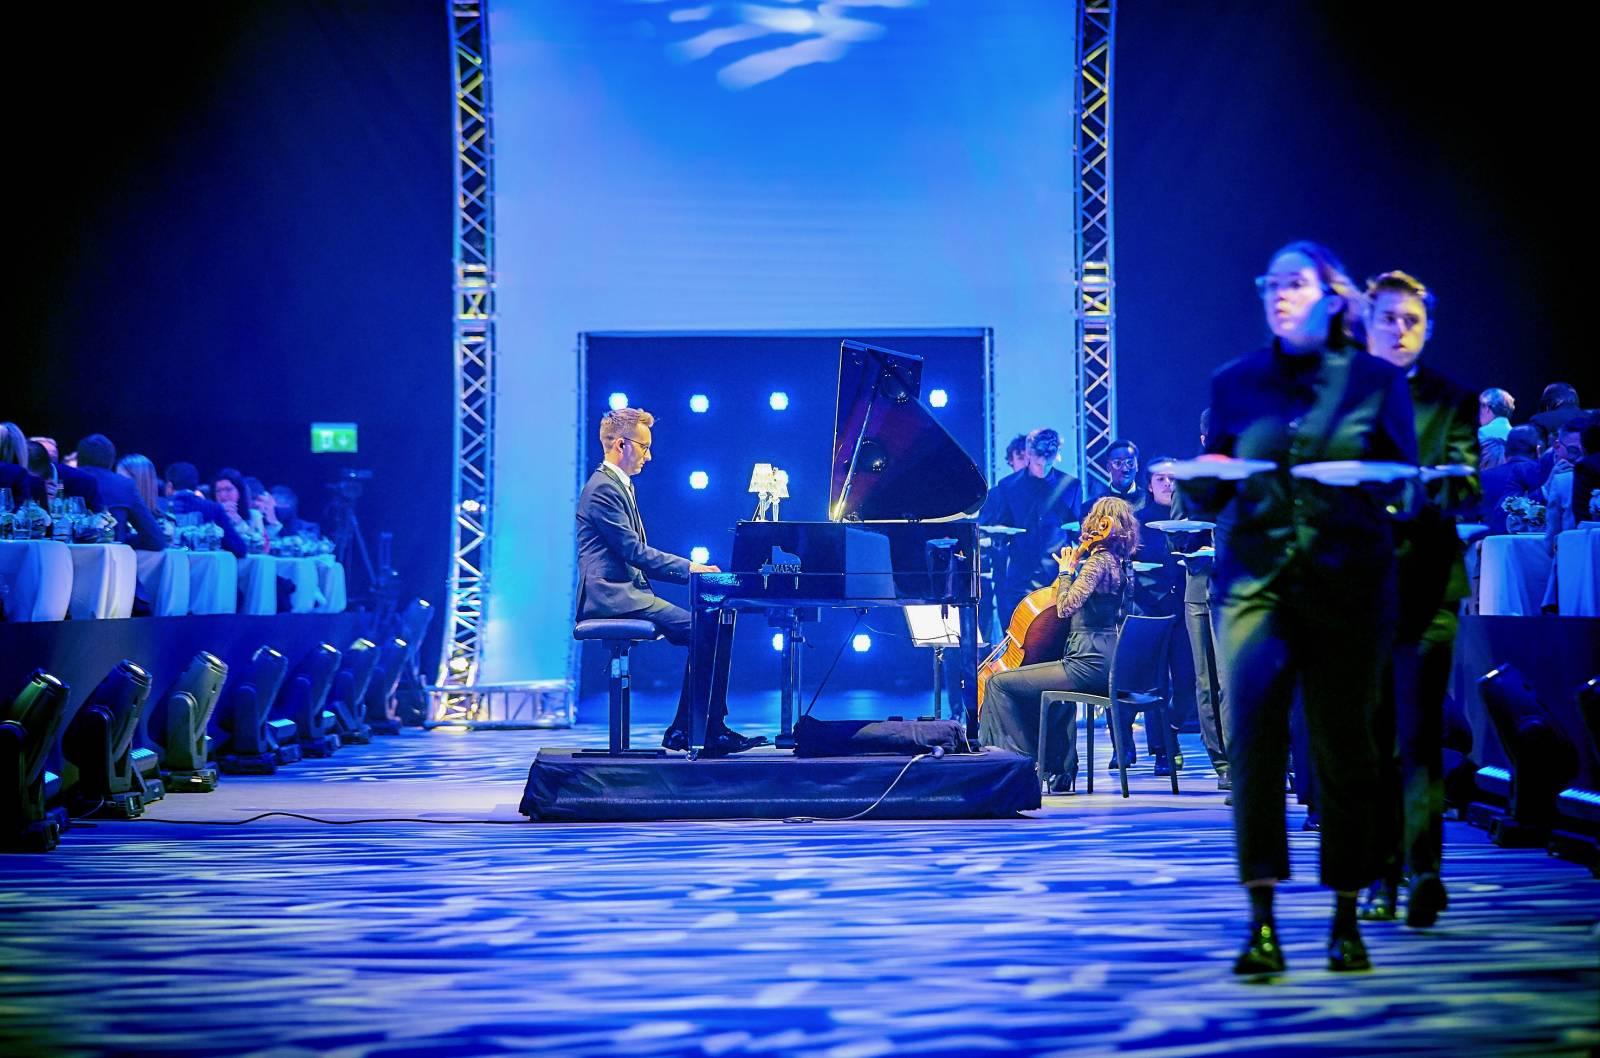 Sven Van den Wyngaert - Live Muziek - House of Events - 13